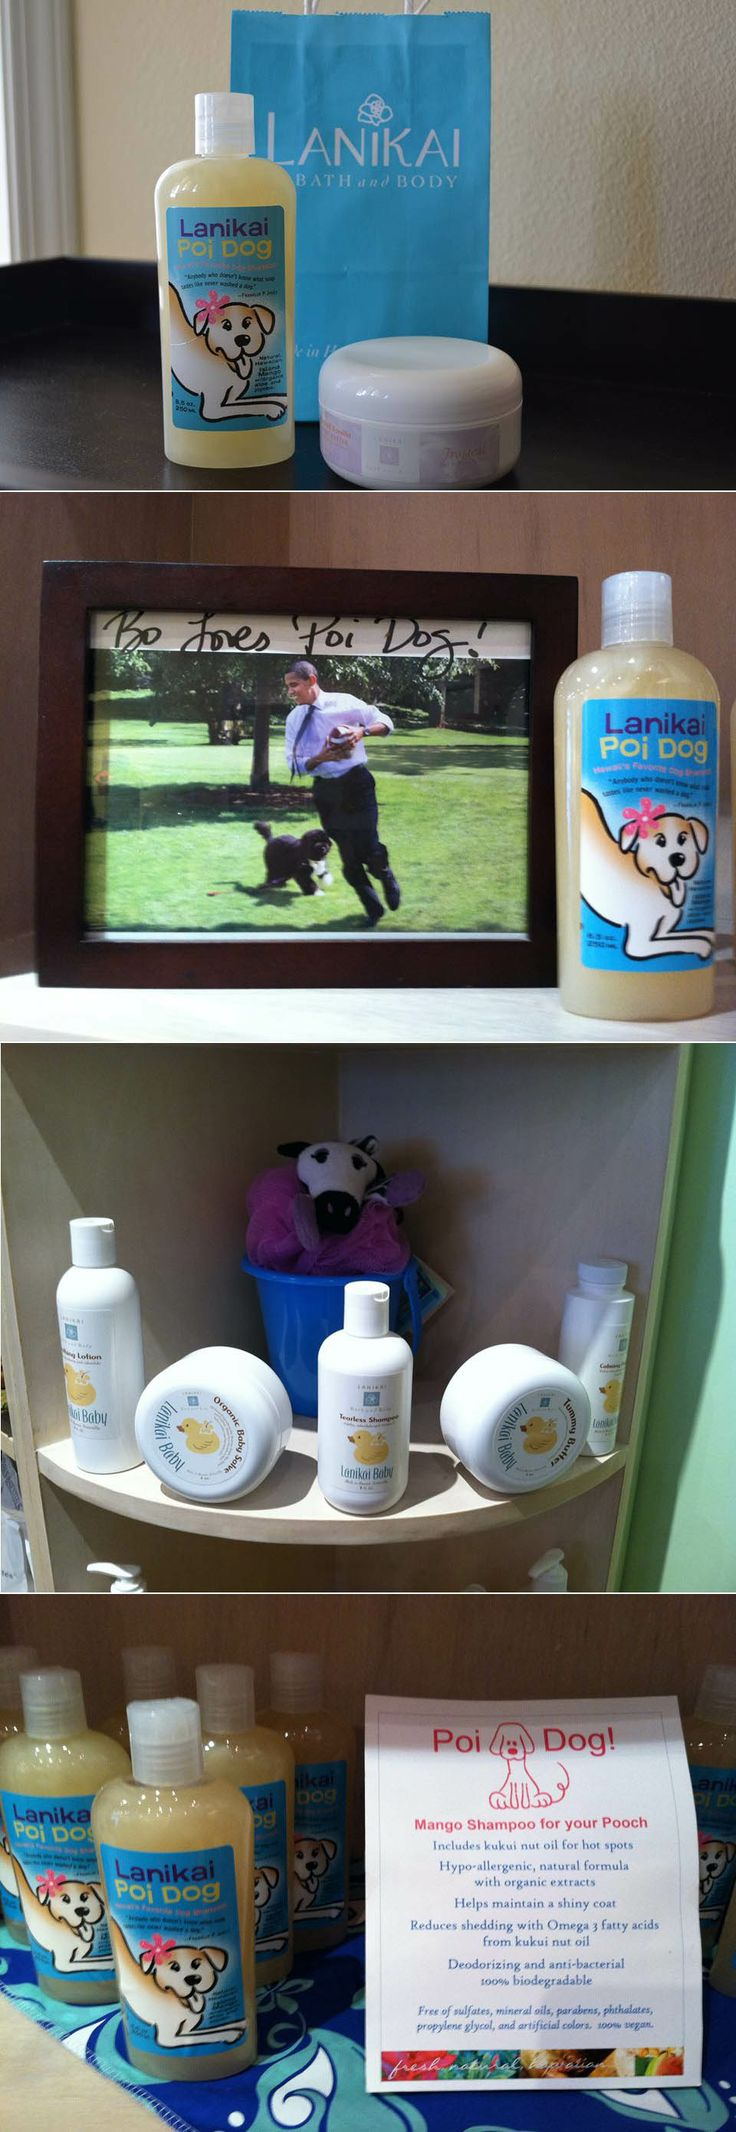 ラニカイ、海だけじゃないんです! この、 LANIKAI Bath and Body も大好きなお店です。 先日お買い上げしたのは、この「Orchid Vanilla」 のBody Butterと、犬用シャンプー。 シャンプーはこの間、我が家の末娘を洗うのに使用したところ、なかなか使い心地の良い感触でした。 ボディクリームは、すごく気に入っています。 香りも、プルメリアやらマンゴーやらハワイらしいものが沢山ありますが、今回はいつもと違うこの香り、ちょっと外国の大人な女性の香りがします♪ このお店の犬用シャンプーの棚に、オバマ大統領の愛犬との写真がありました。 冬の休暇でカイルアに来る際に、こちらのお店に寄られる事もあるのでしょう。 ハワイに休暇で来ている時には意外と気さくに話しかけられるようですよ。  ハワイも冬が終わり、太陽の下に出る事が多くなります、乾燥しがちな体もメンテナンスしないと駄目ですね~~♪  マハロ Mama ❤ S